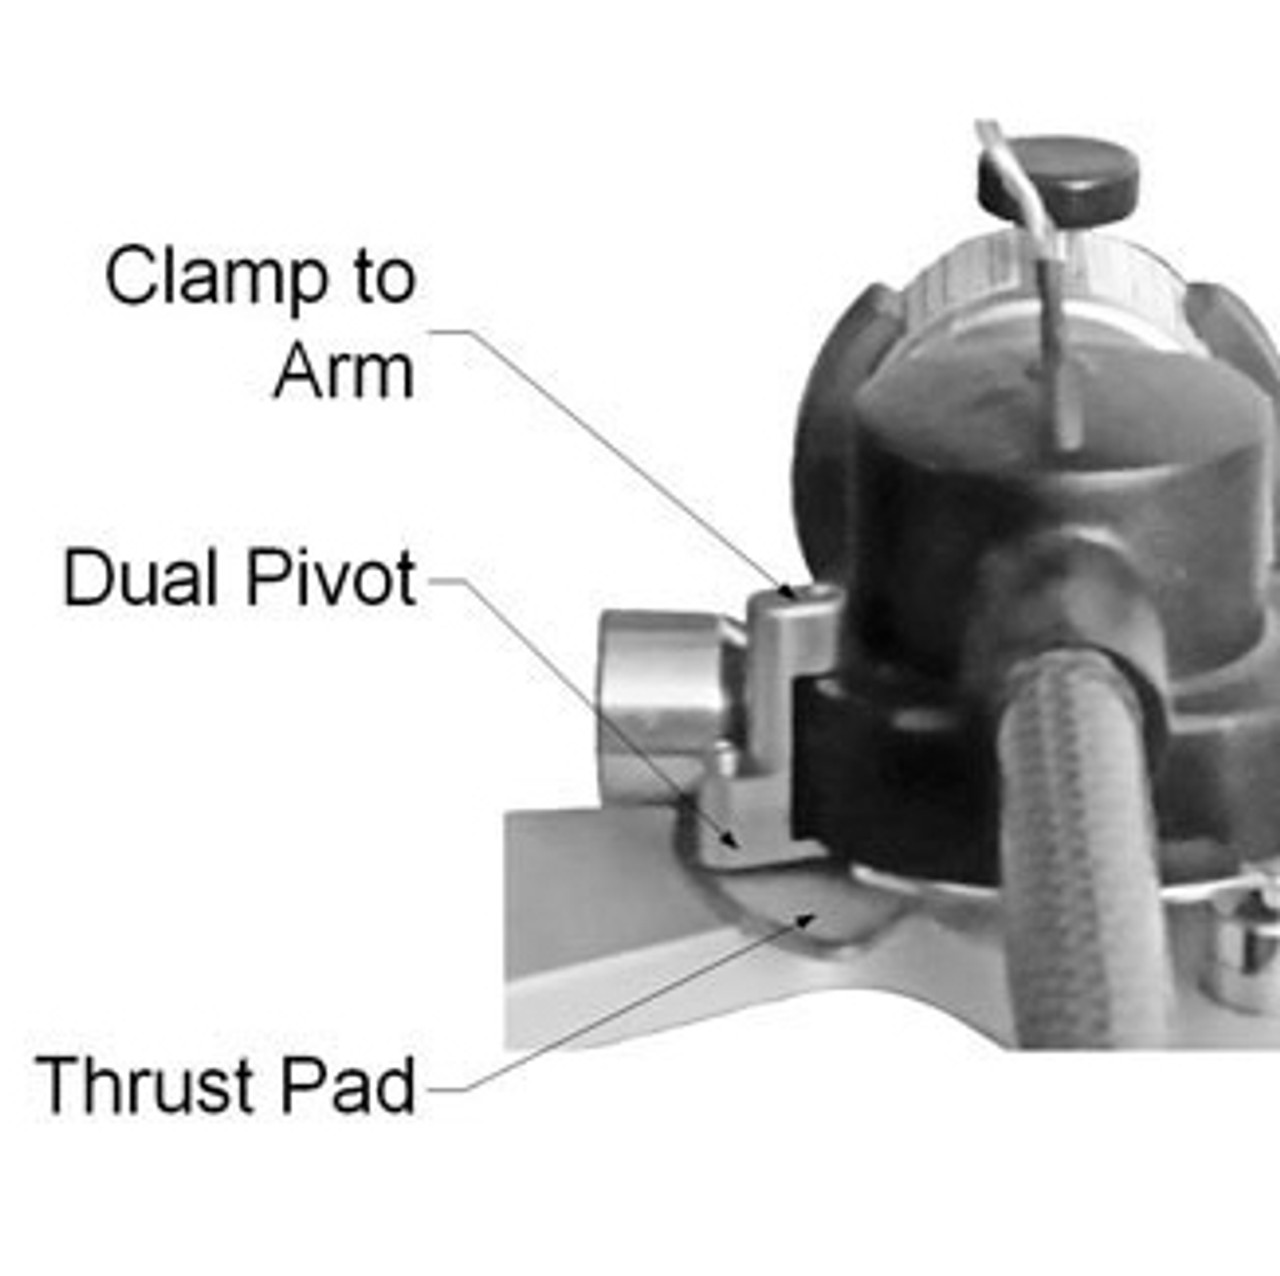 VPI Dual Pivot assembly